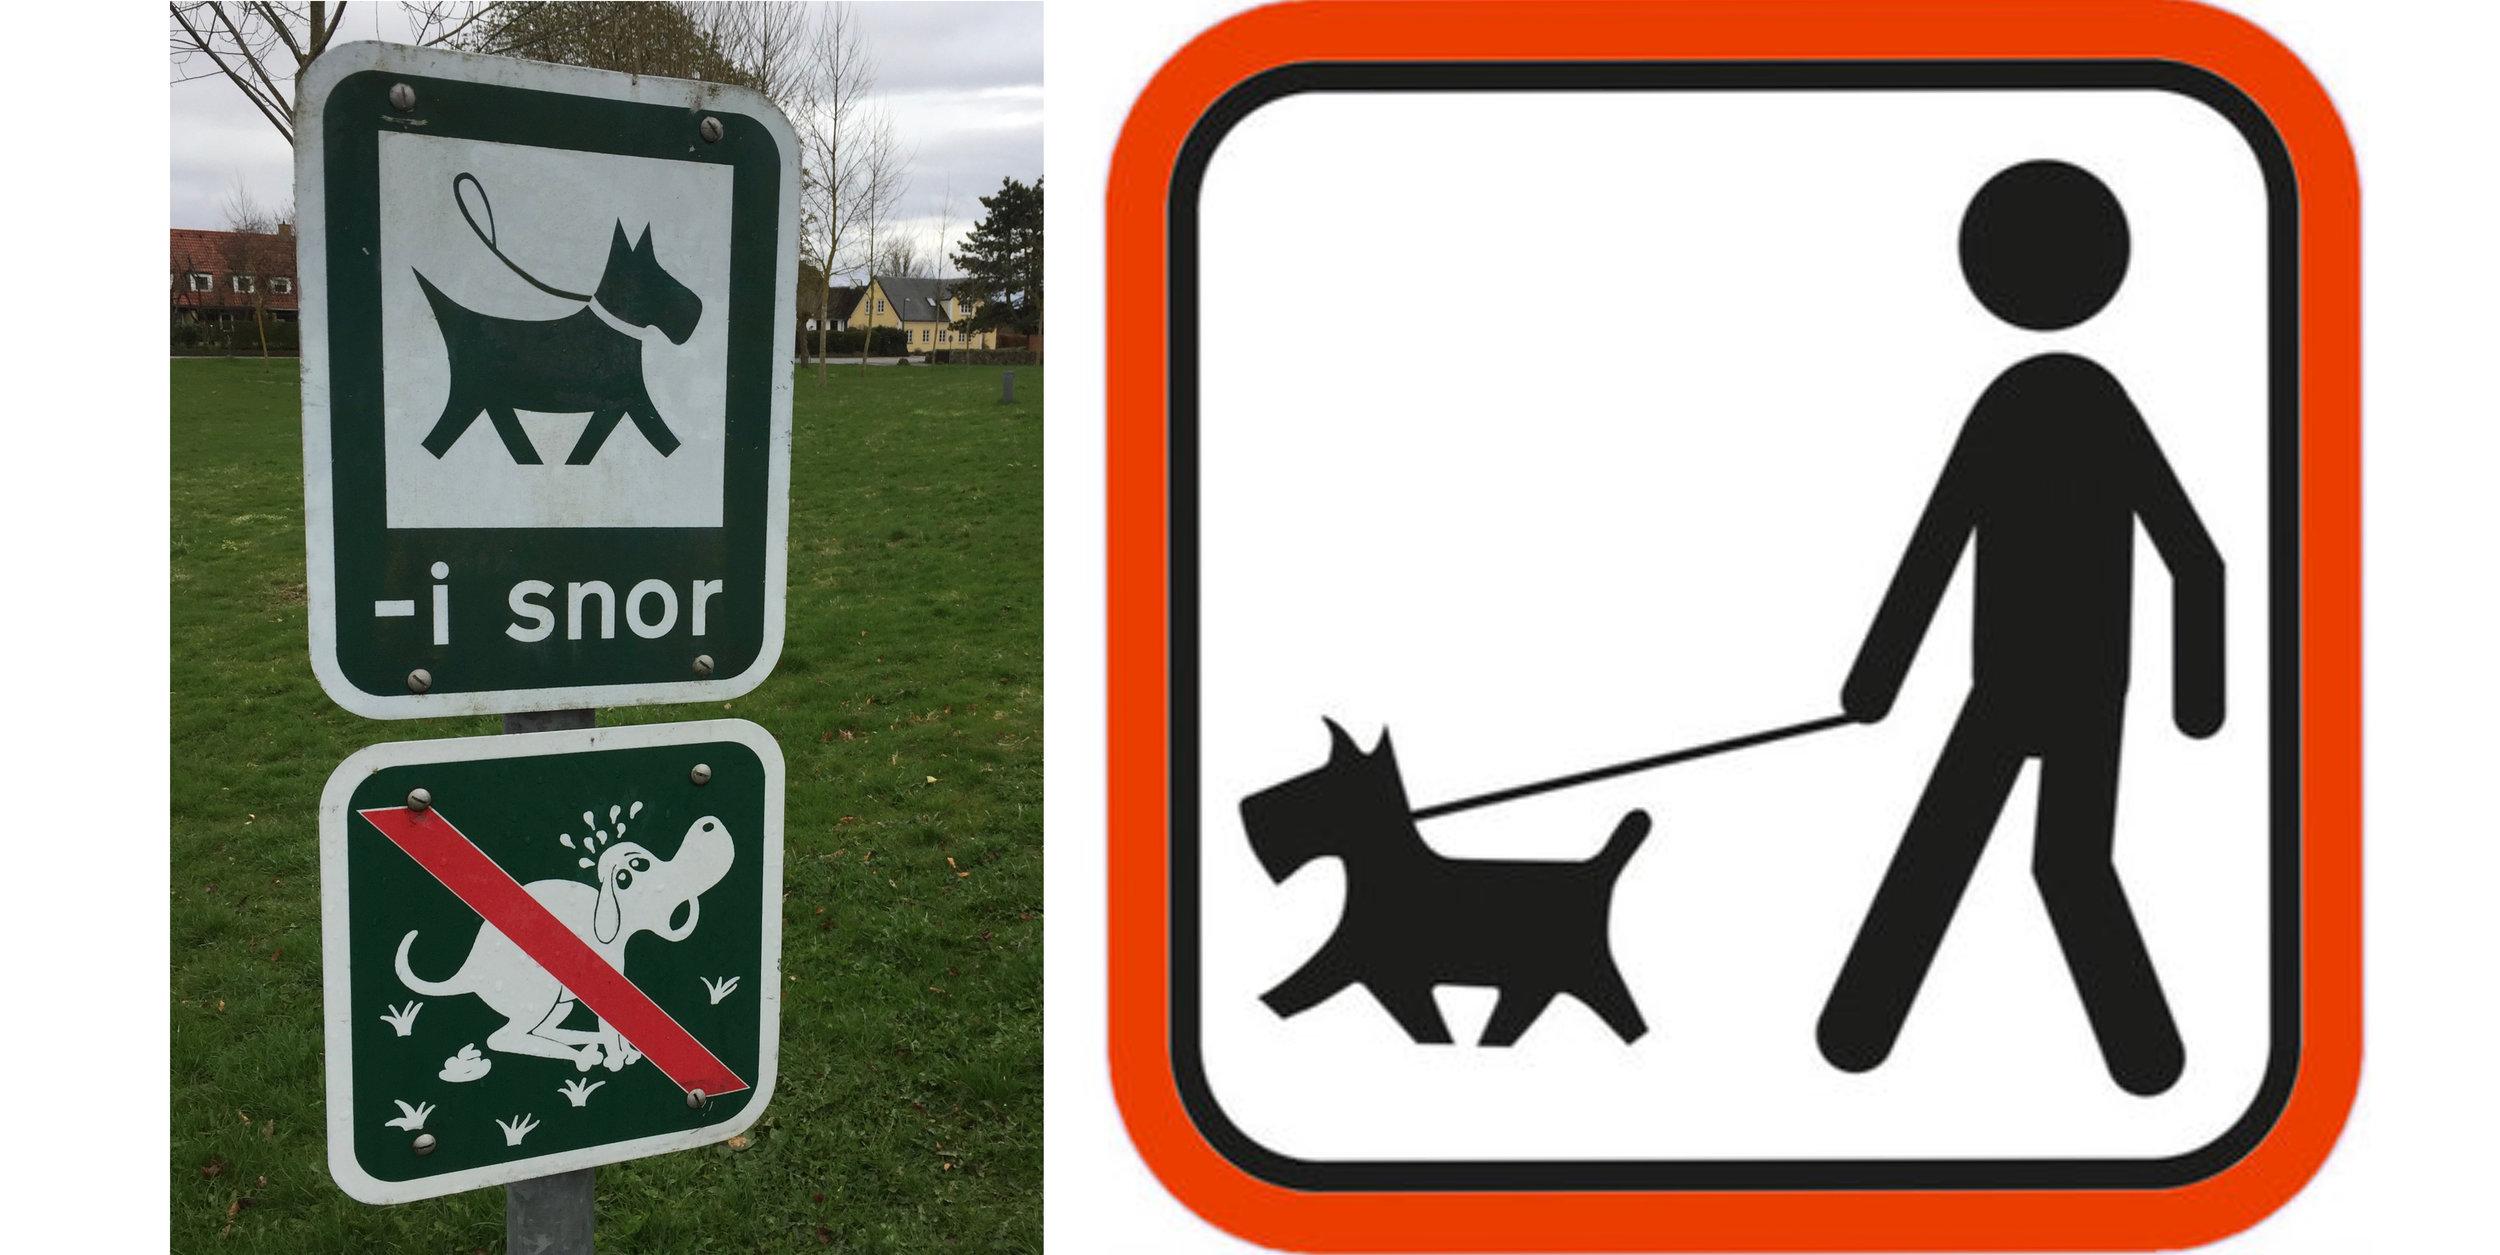 Selv om der ikke er skiltet med 'Hunde i snor', er det forbudt at have løsgående hunde i        skove og udyrkede arealer. Foto: AOB